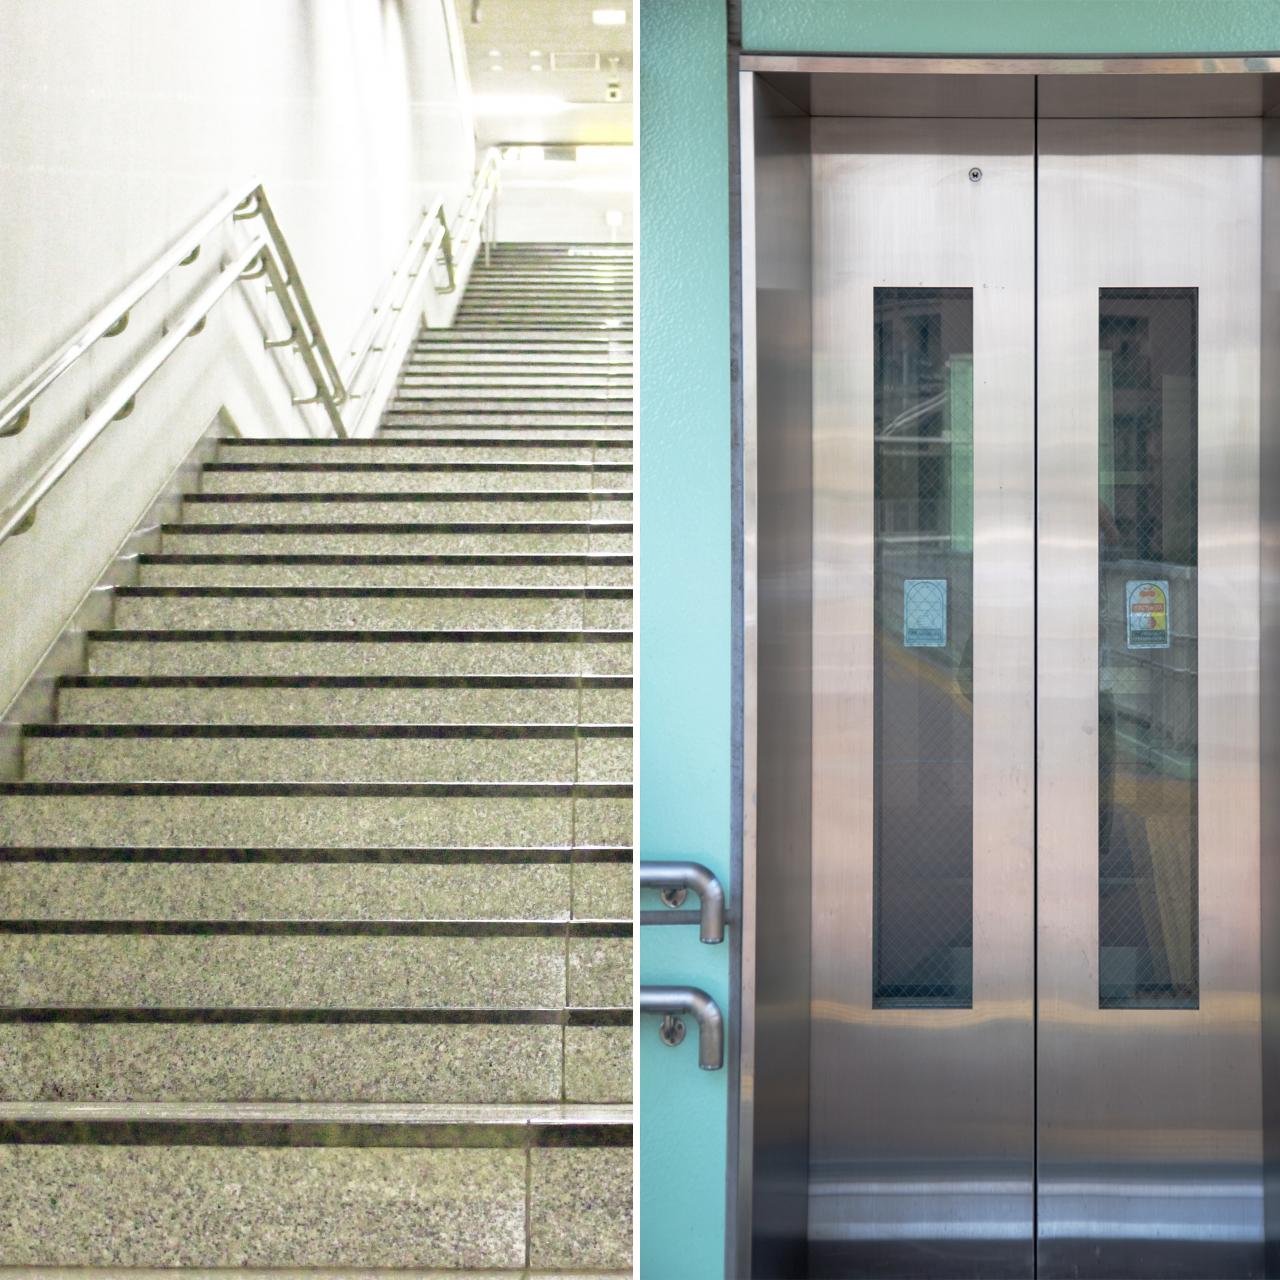 ユニバーサルデザインの一例、階段とエレベーター